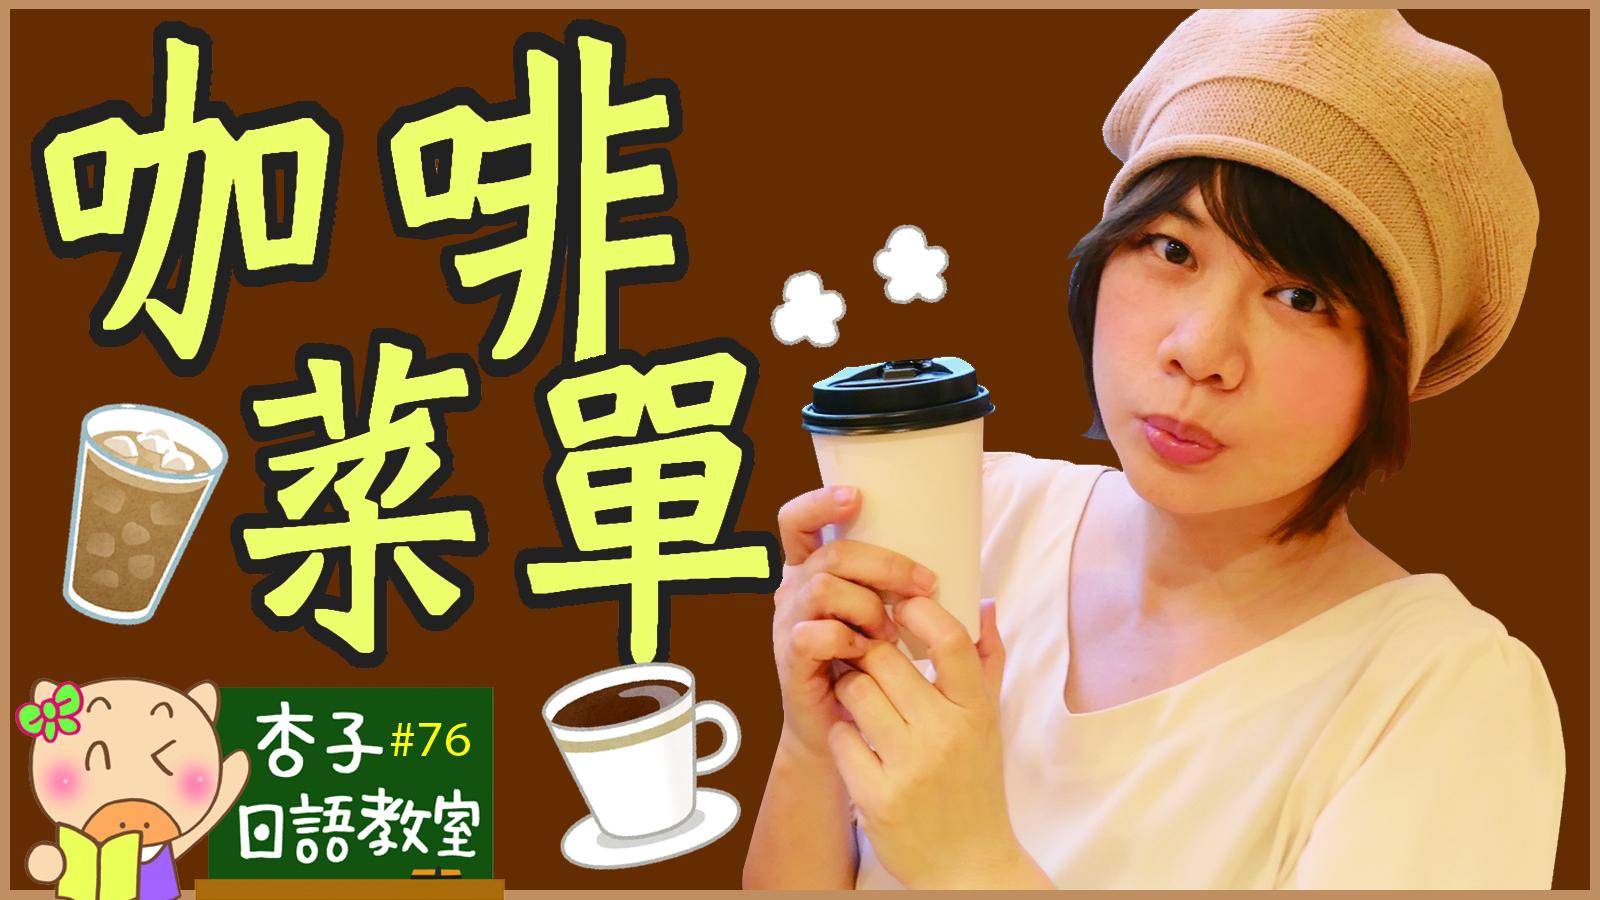 少冰・去冰・中杯・大杯・用日文要怎麼說? |咖啡菜單日文唸法|カフェドリンク |<杏子日語教室>76